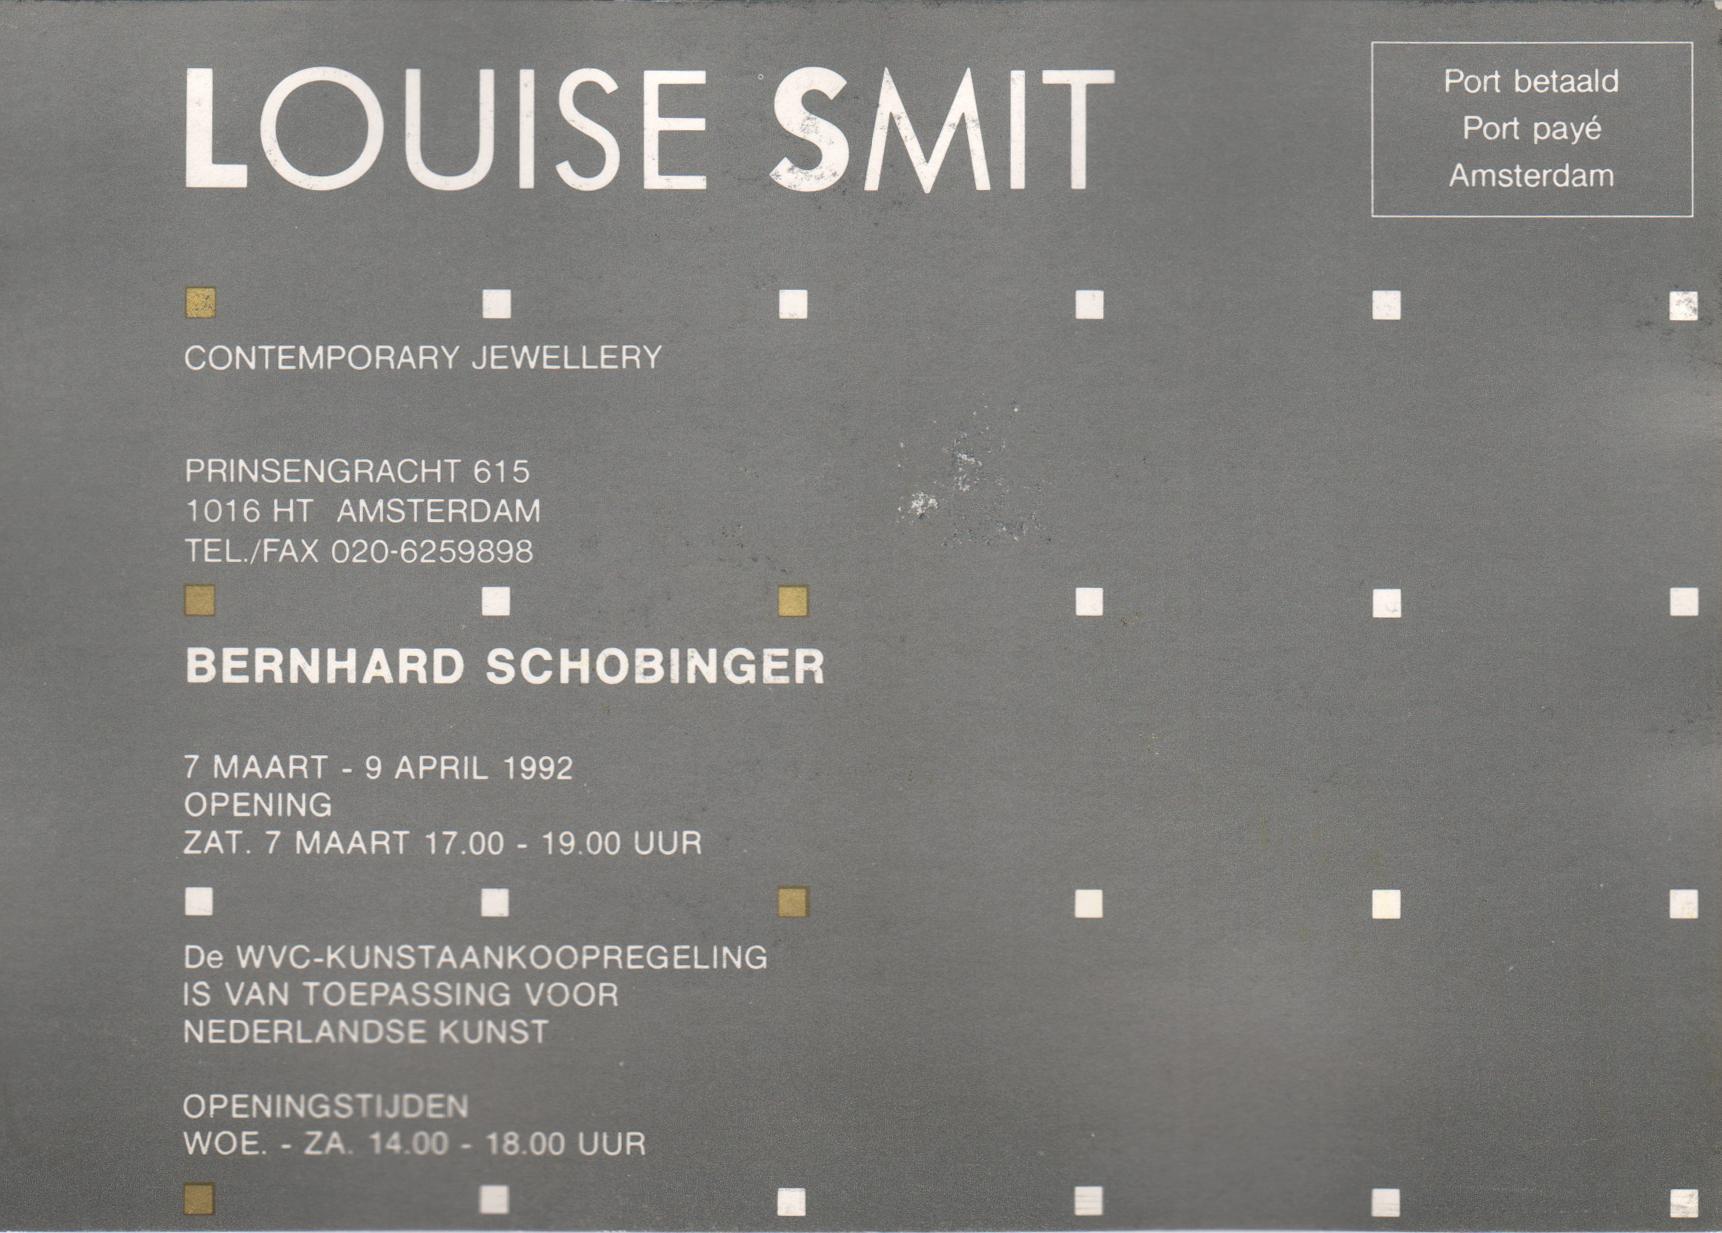 Uitnodiging opening Bernhard Schobinger, 7 maart 1992, drukwerk